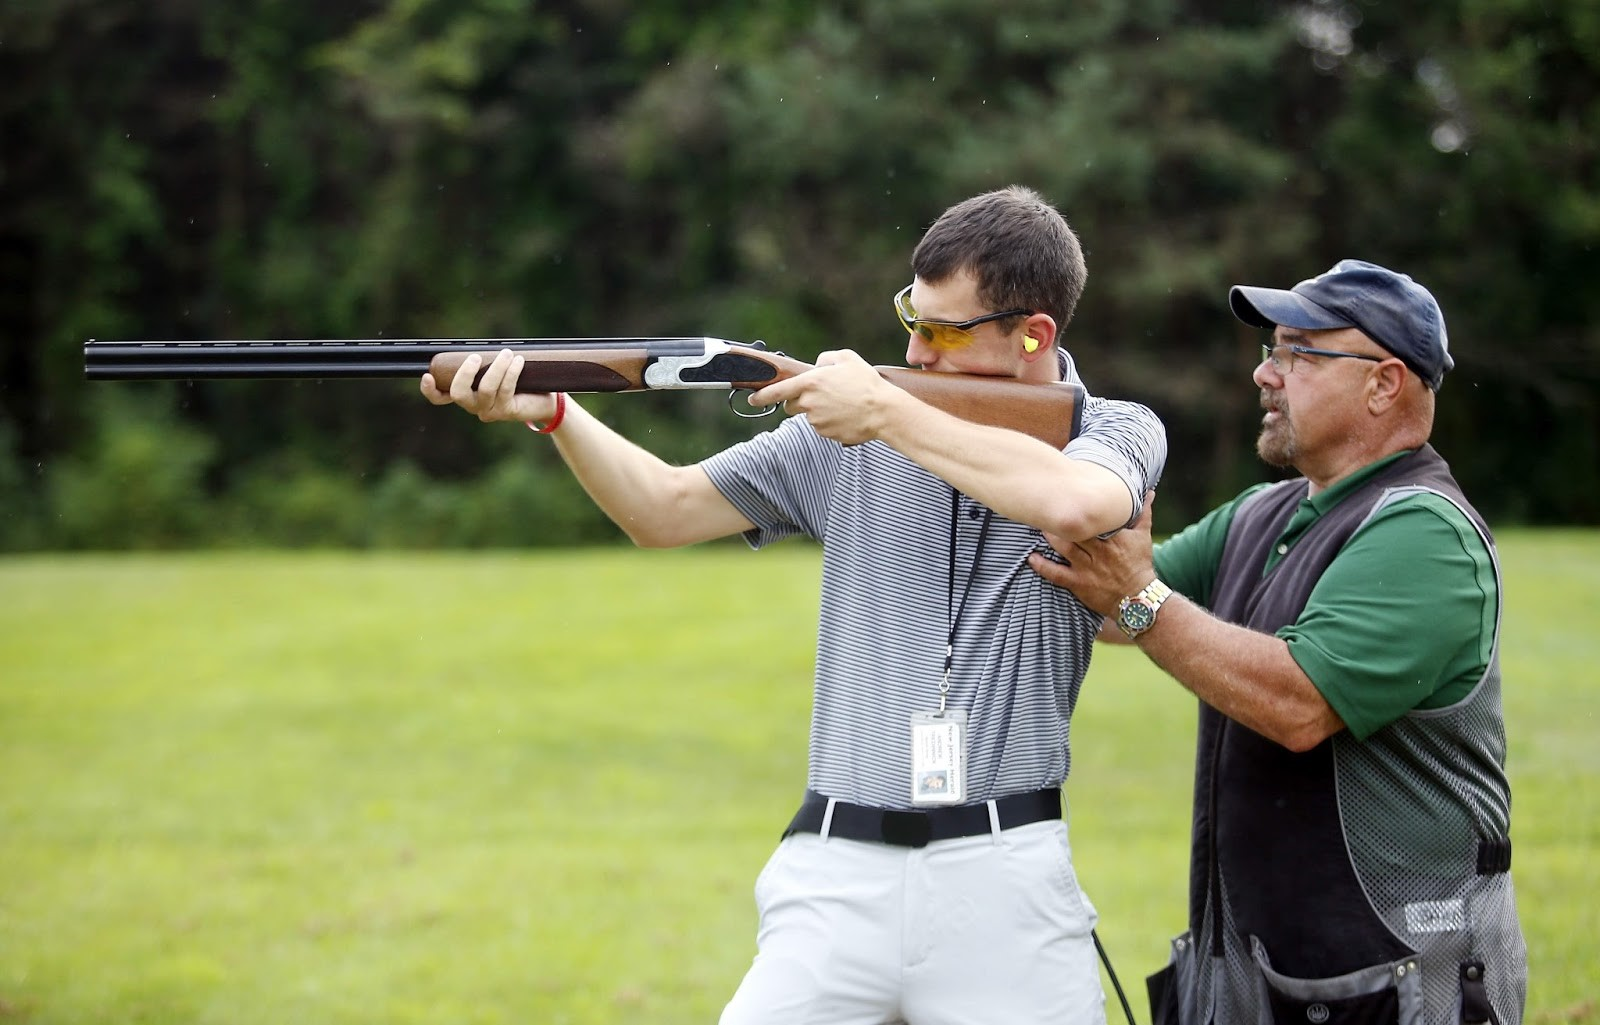 Такая разная спортивная стрельба: чем и куда принято стрелять